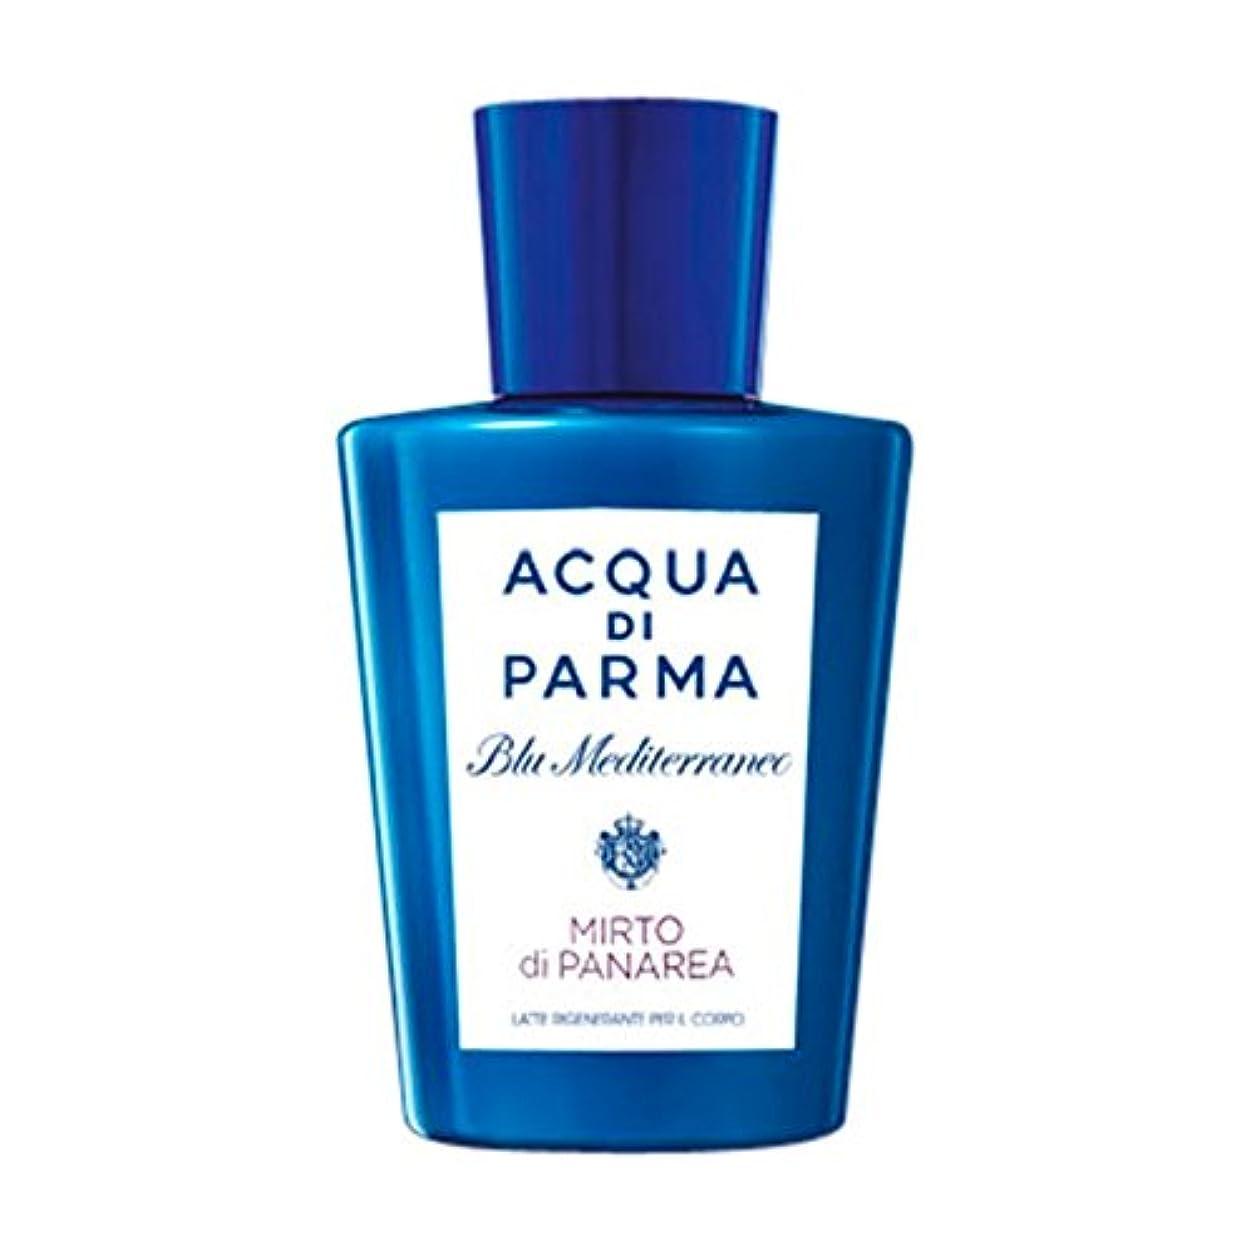 主に不名誉な巨大なアクア・ディ・パルマブルーの地中海のミルト・ディ・パナレア再生ボディミルク200ミリリットル (Acqua di Parma) - Acqua di Parma Blu Mediterraneo Mirto di Panarea...